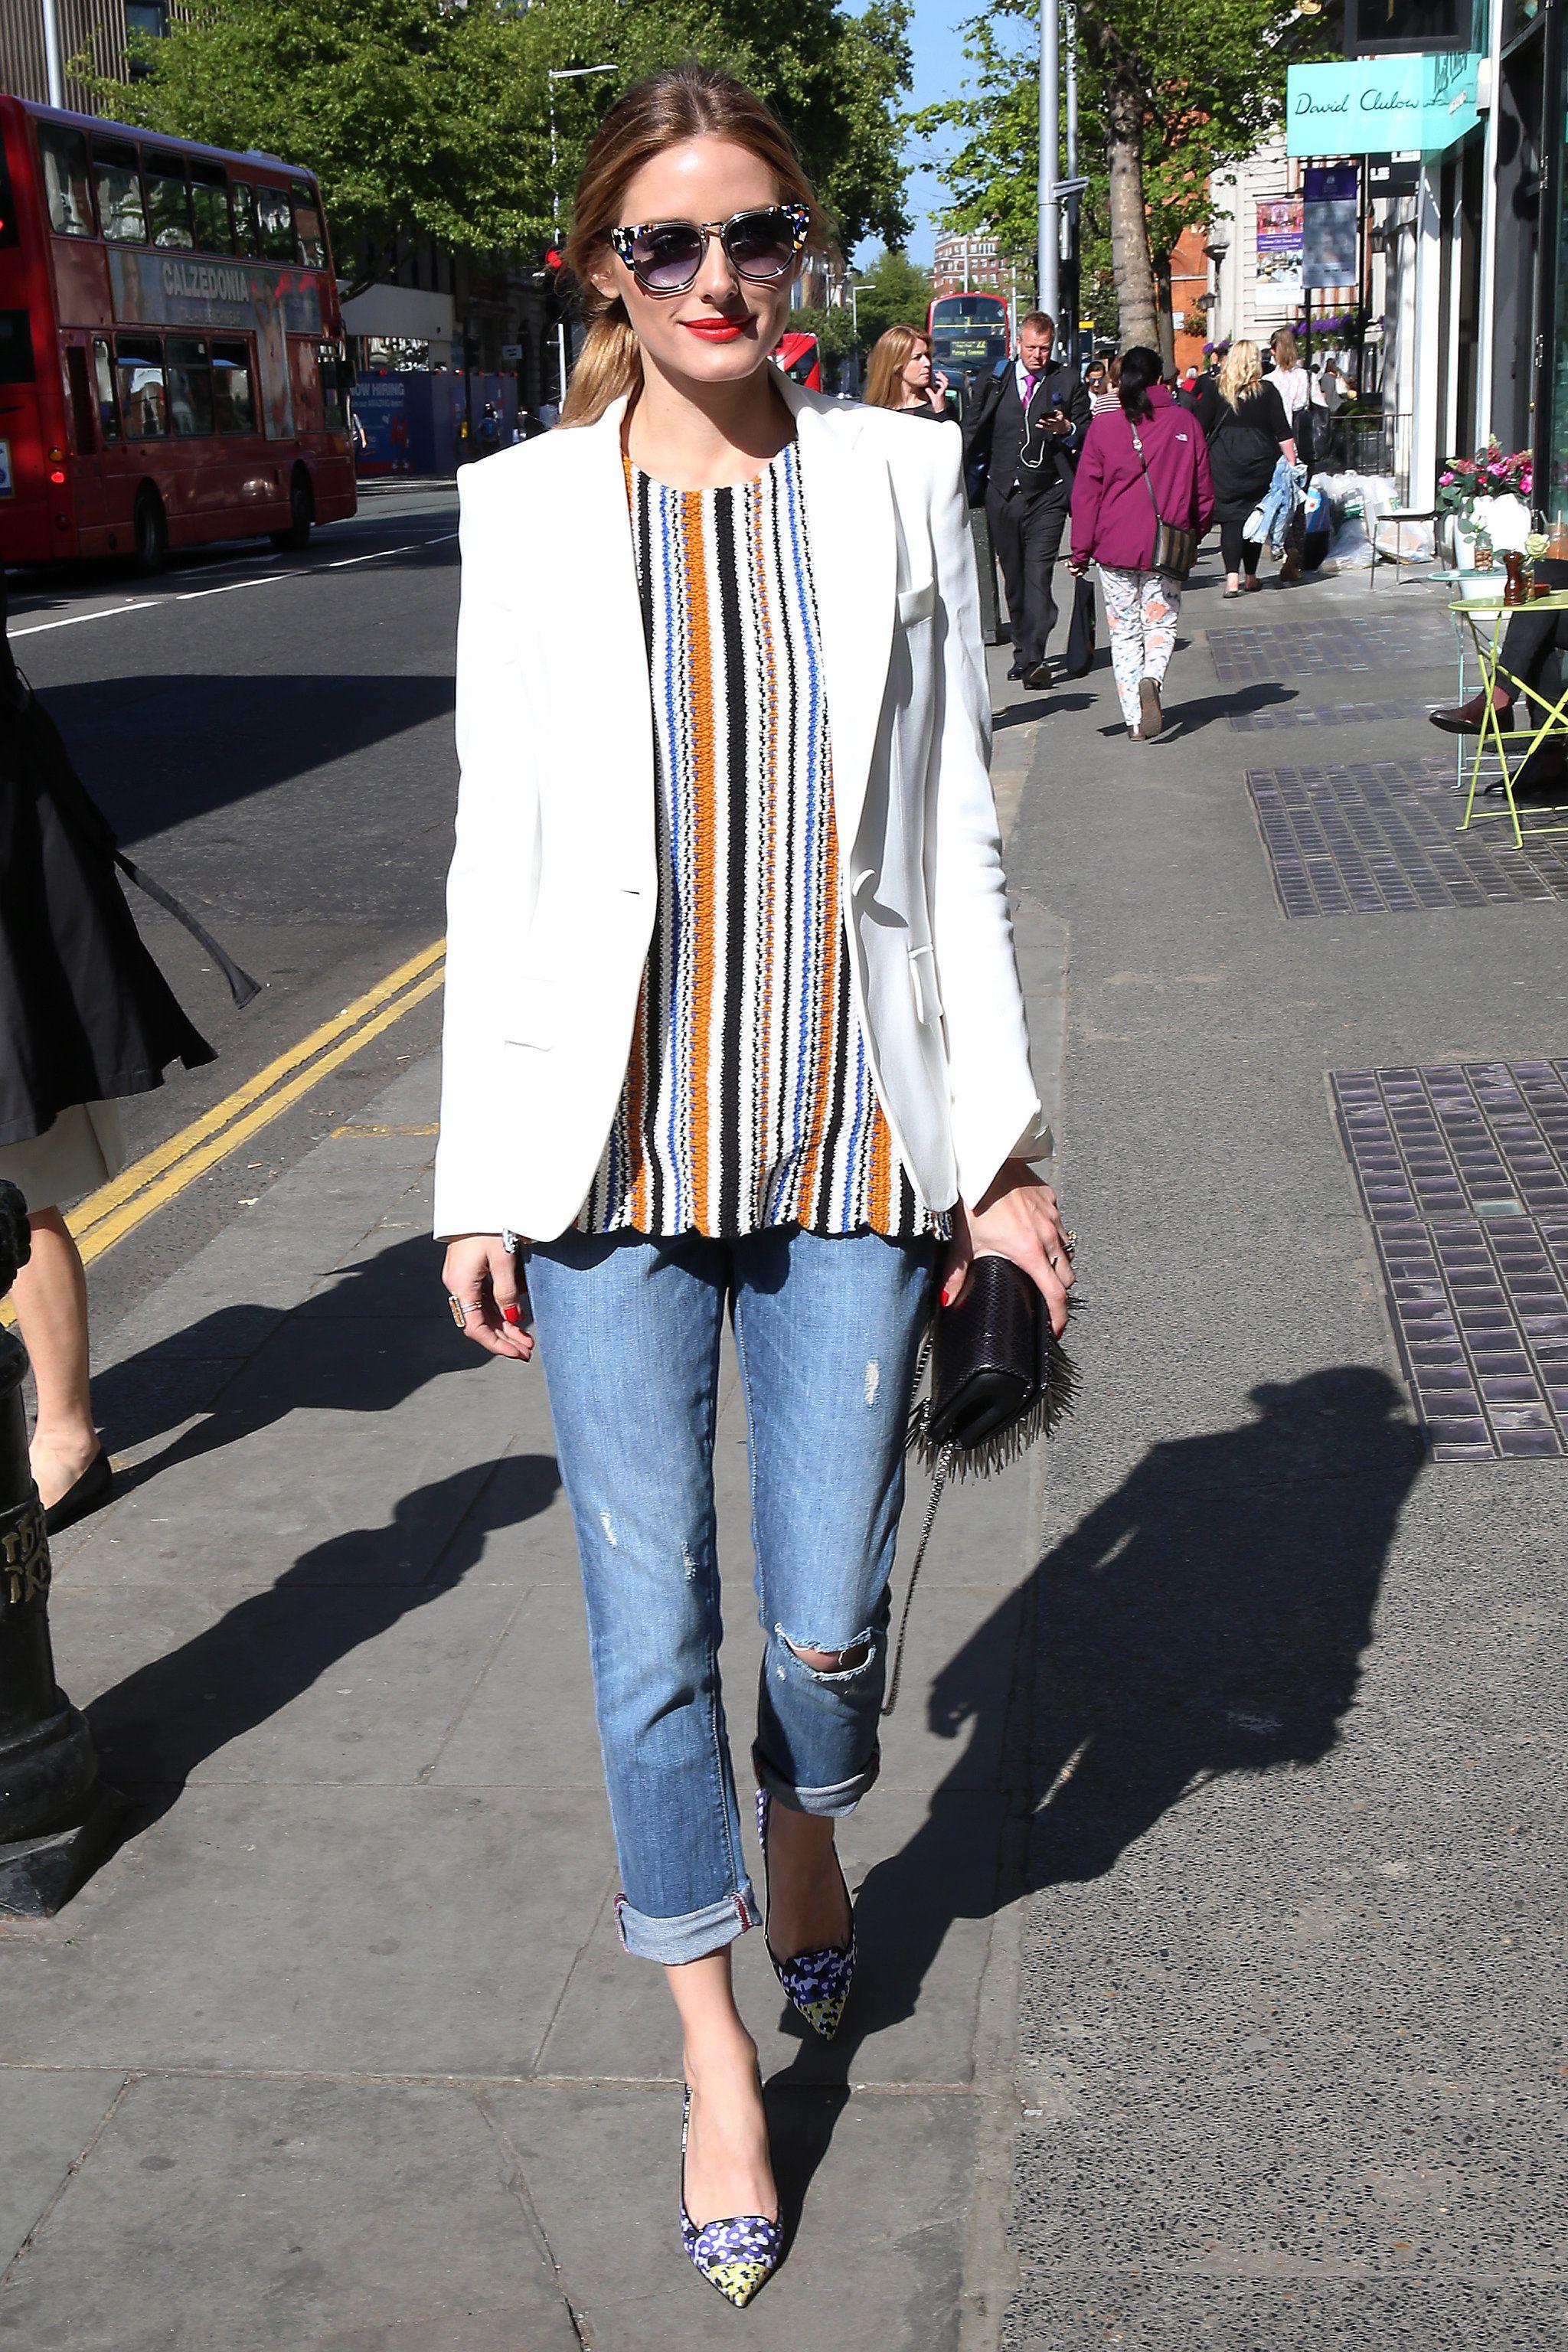 Resultado de imagem para outfits with white blazer